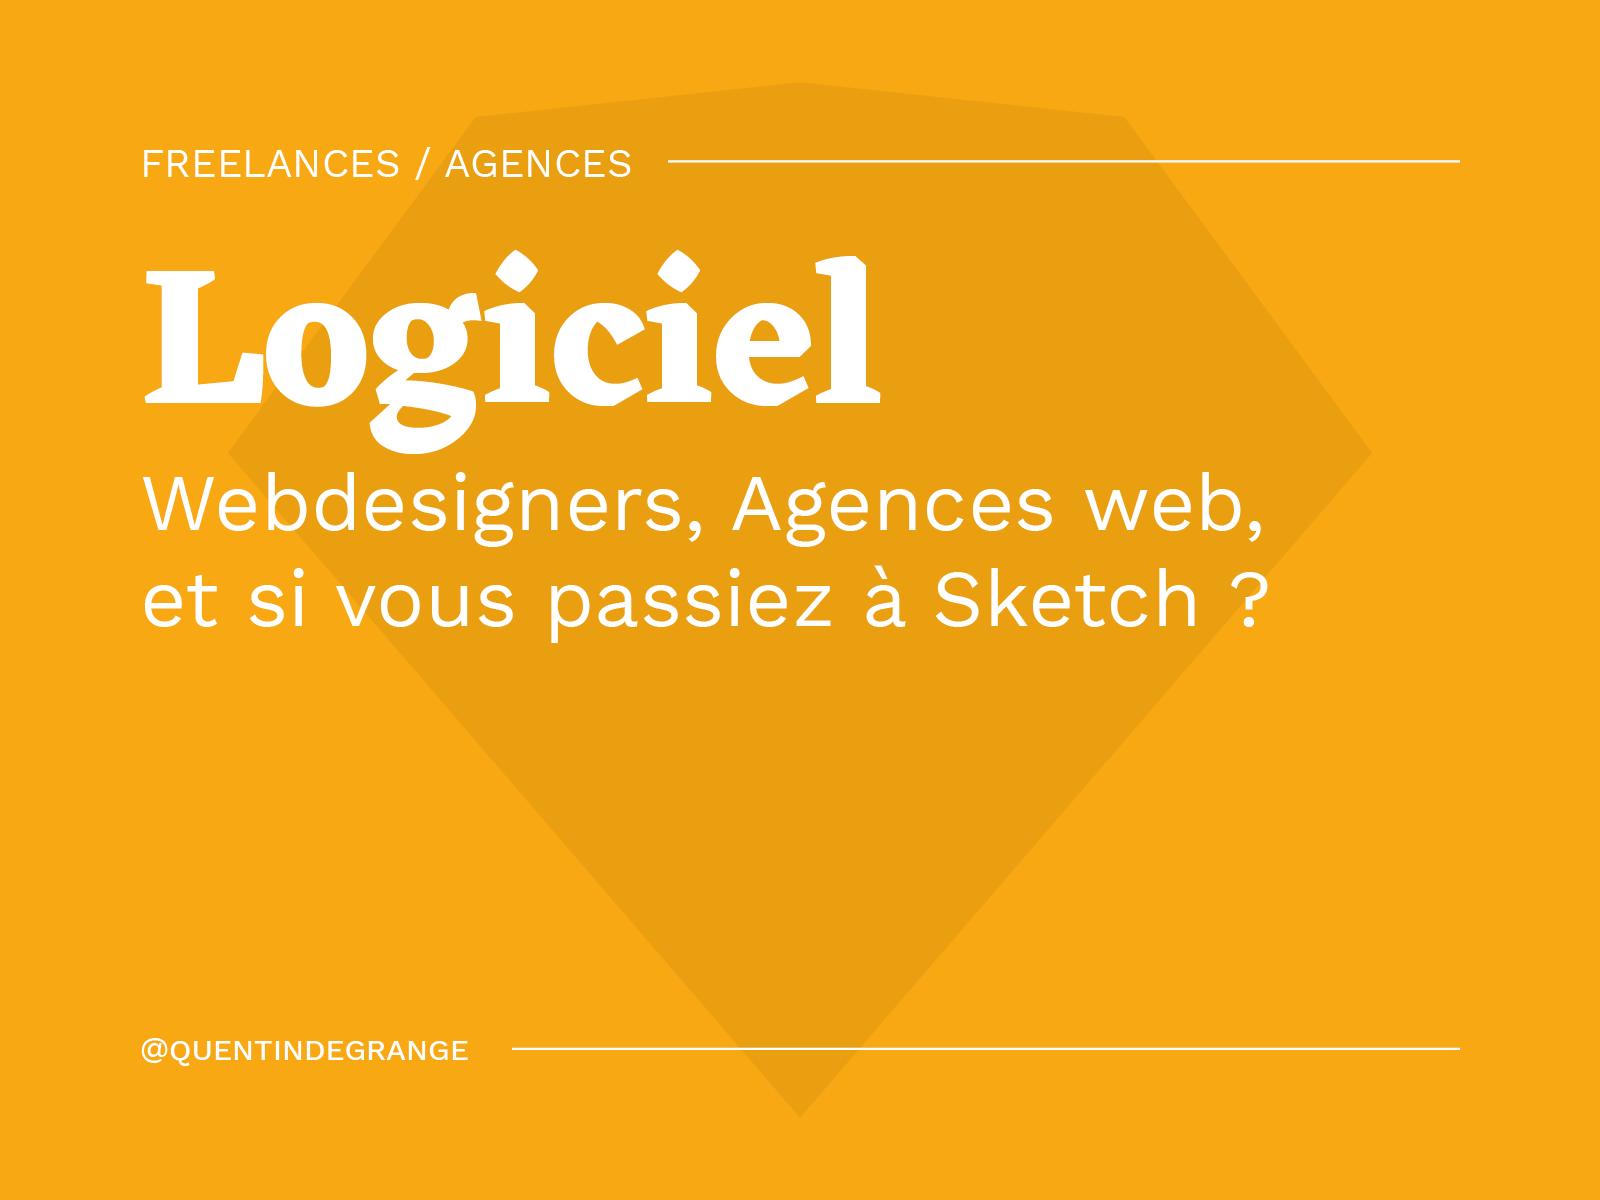 Webdesigners, agences web, et si vous passiez à Sketch ?